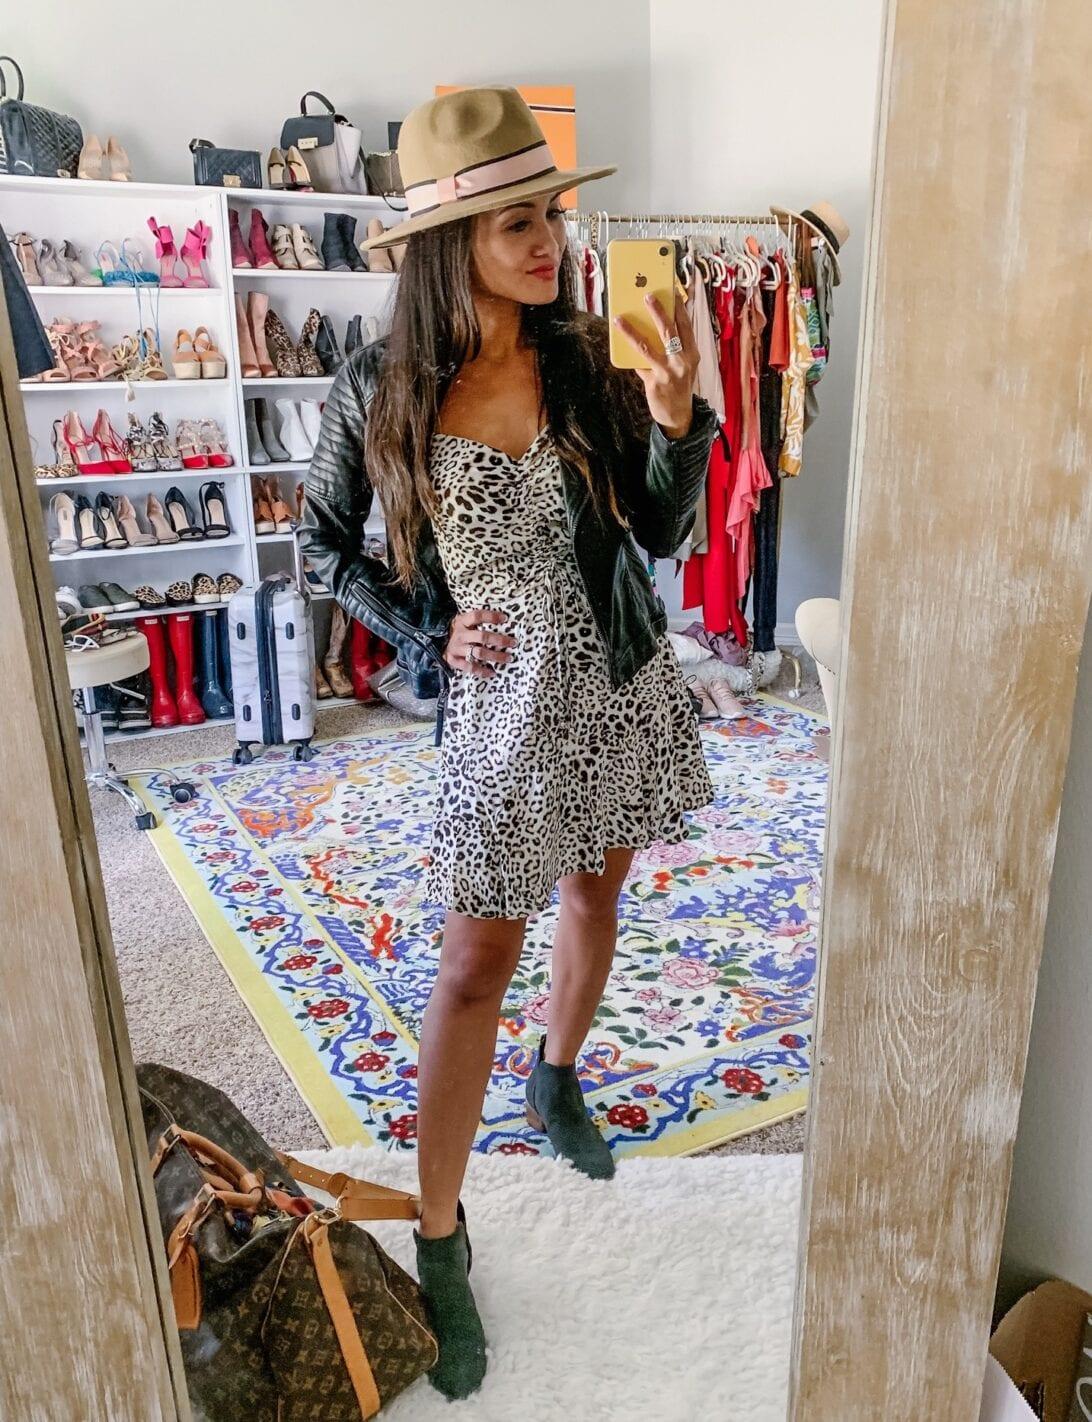 Row A Cinch Front Minidress, LEOPARD DRESS, DOLCE VITA BOOTIES, Louis Vuitton KEEPALL